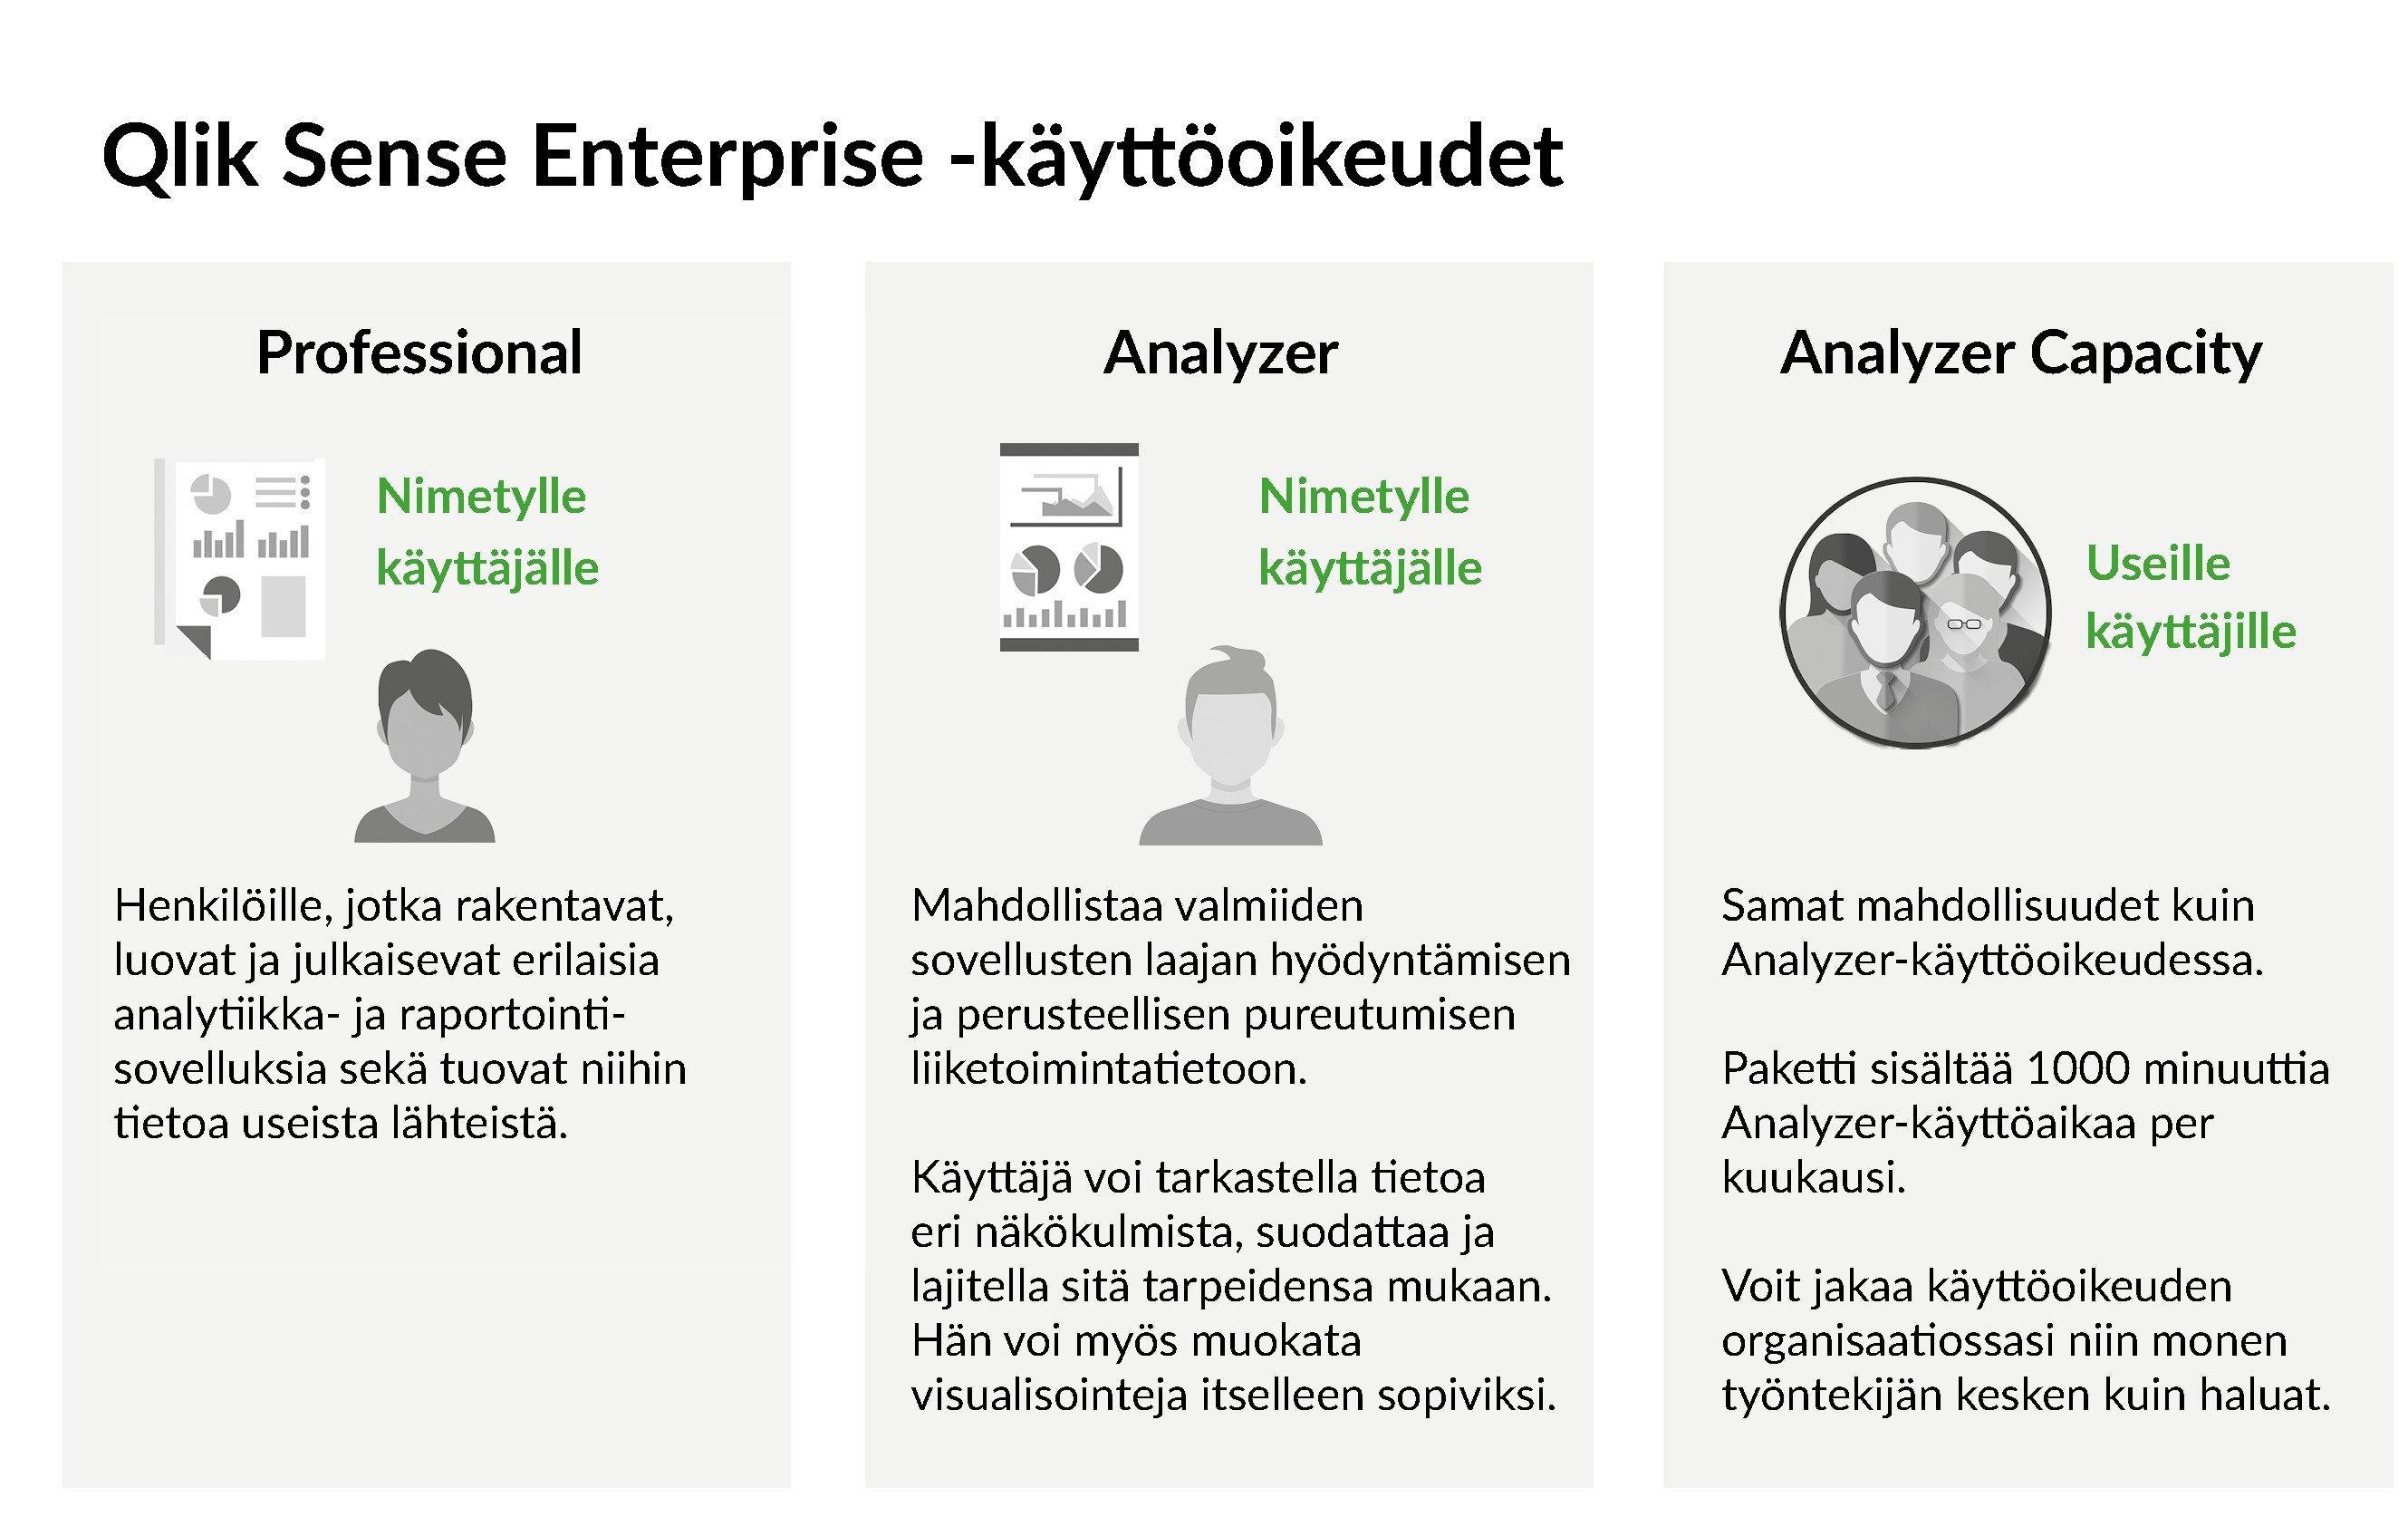 Qlik Sense Enterprise -käyttöoikeudet kuvitettuna.